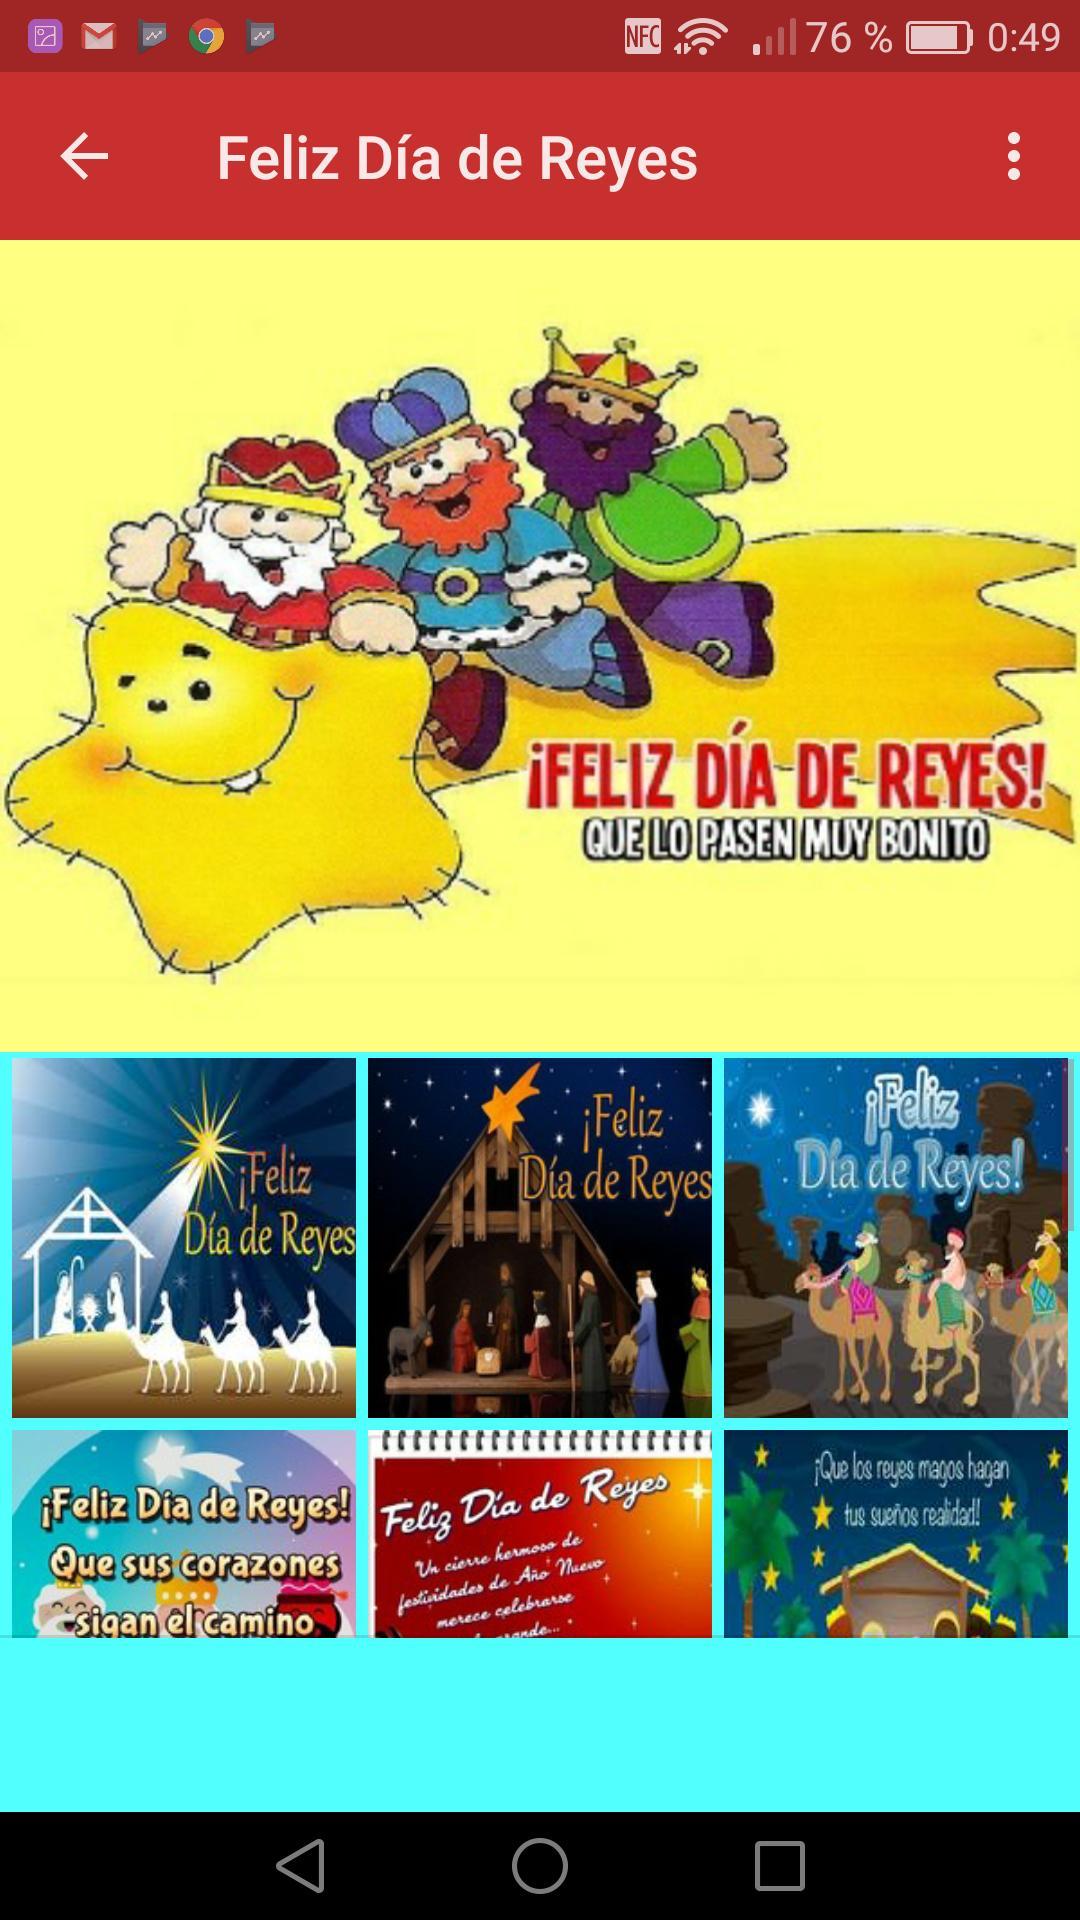 Dias De Reyes Magos Descargar feliz dia de reyes magos for android - apk download